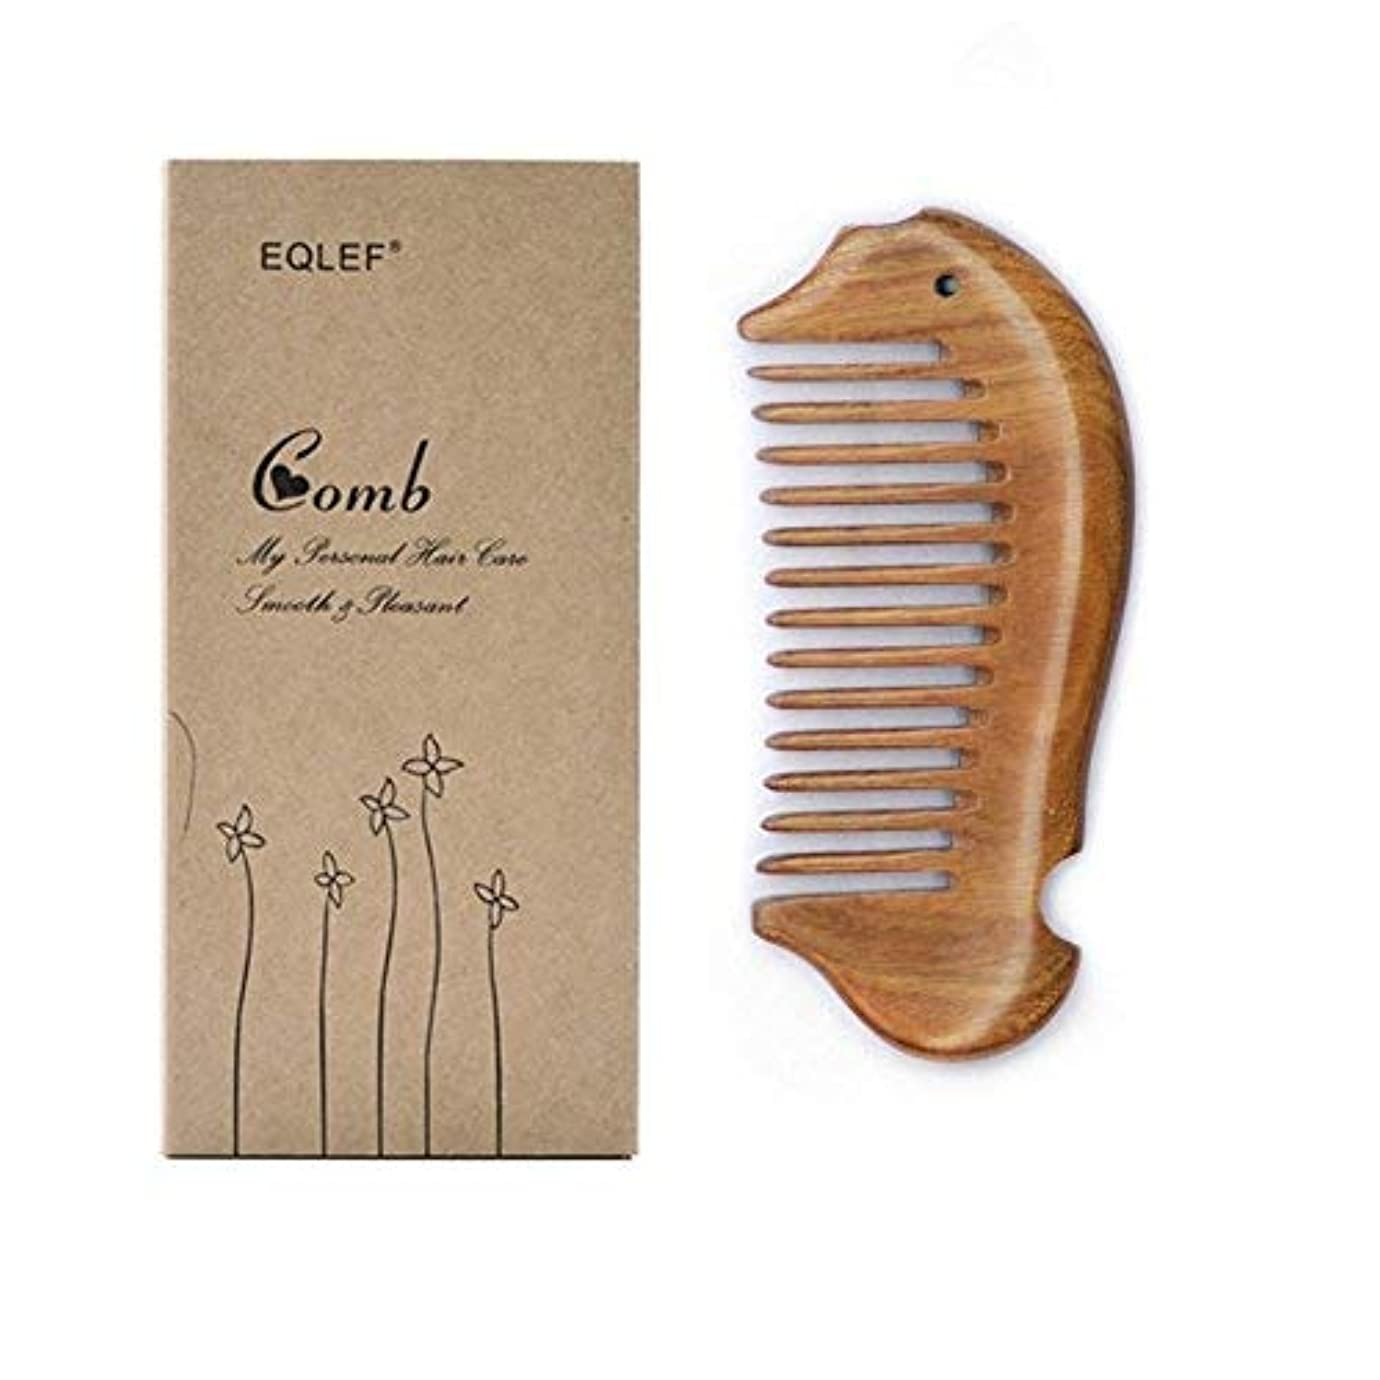 相続人仮定する時刻表EQLEF? Fish shape Beard Comb Wooden Comb wide Tooth Green Sandalwood Pocket Comb Small Hair Comb Hair Brush [並行輸入品]